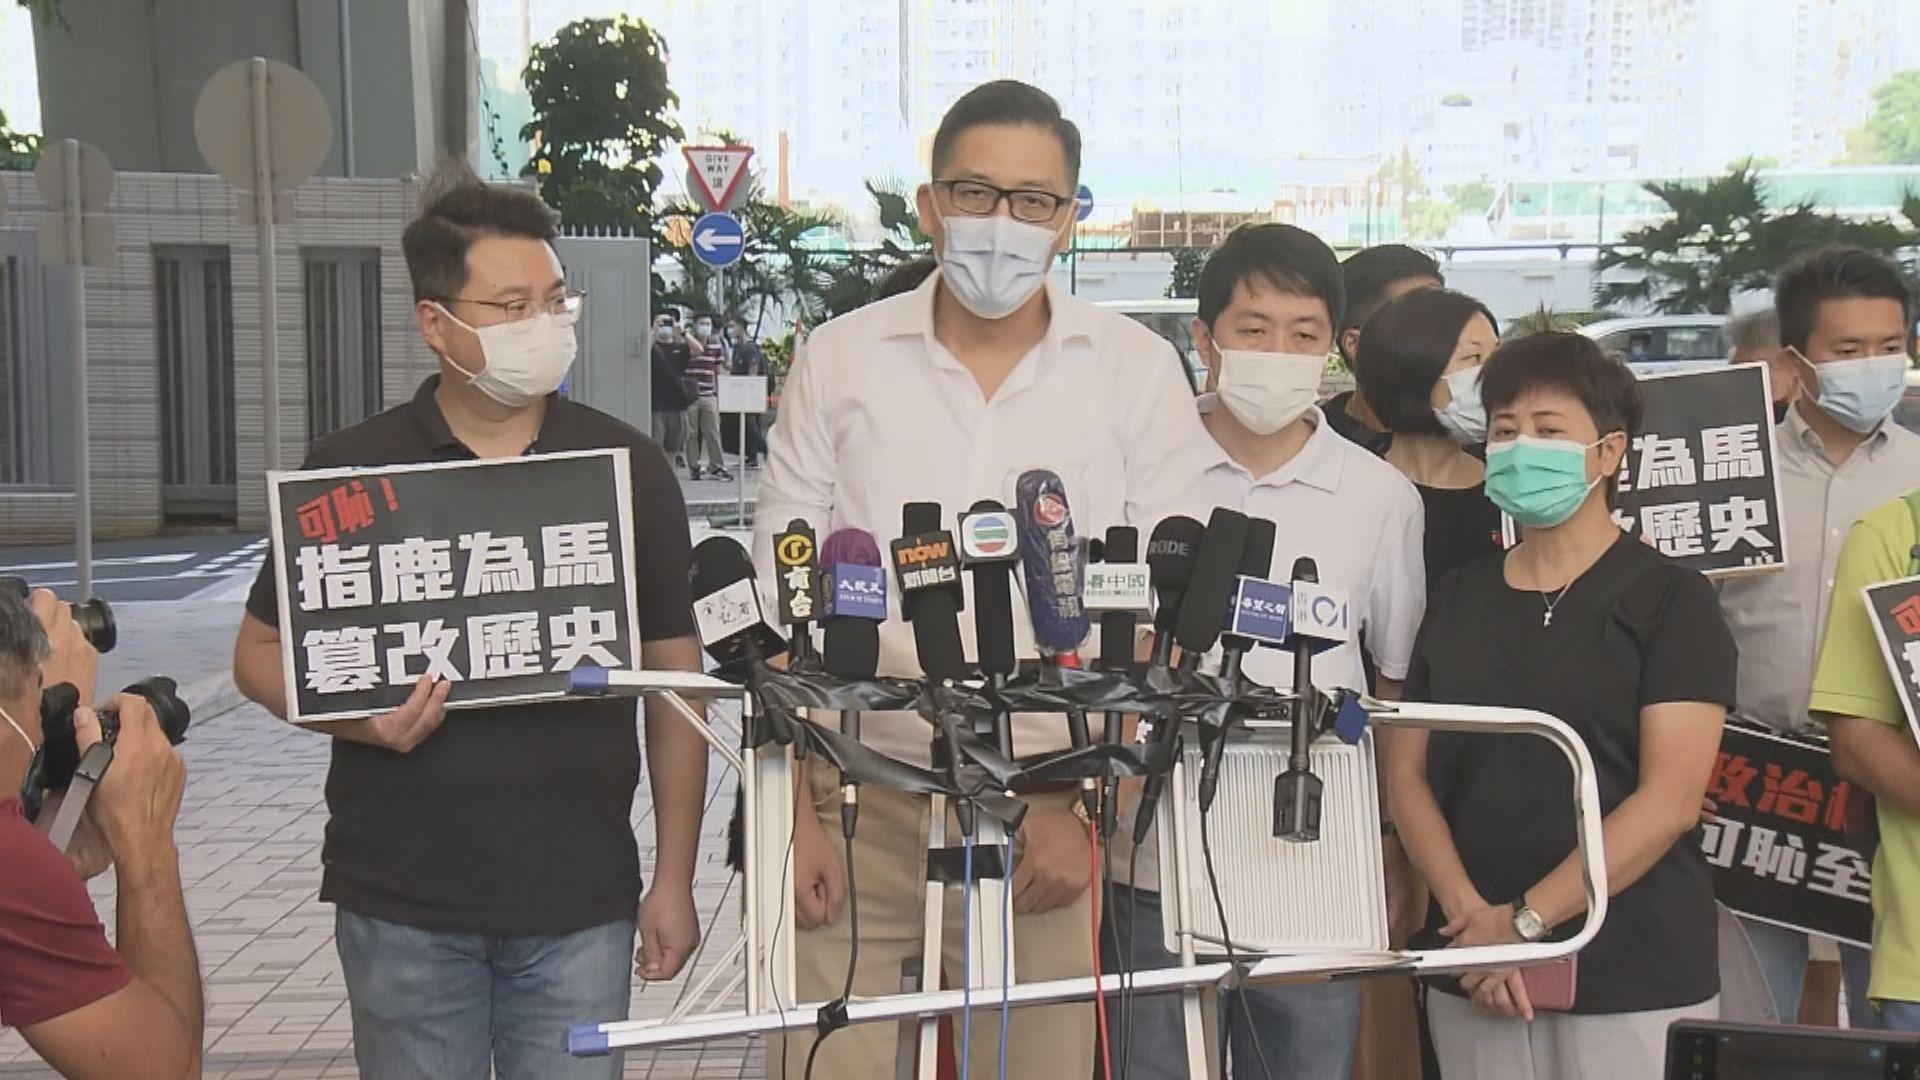 林卓廷等七人被控721暴動 押後至十二月待轉介區院